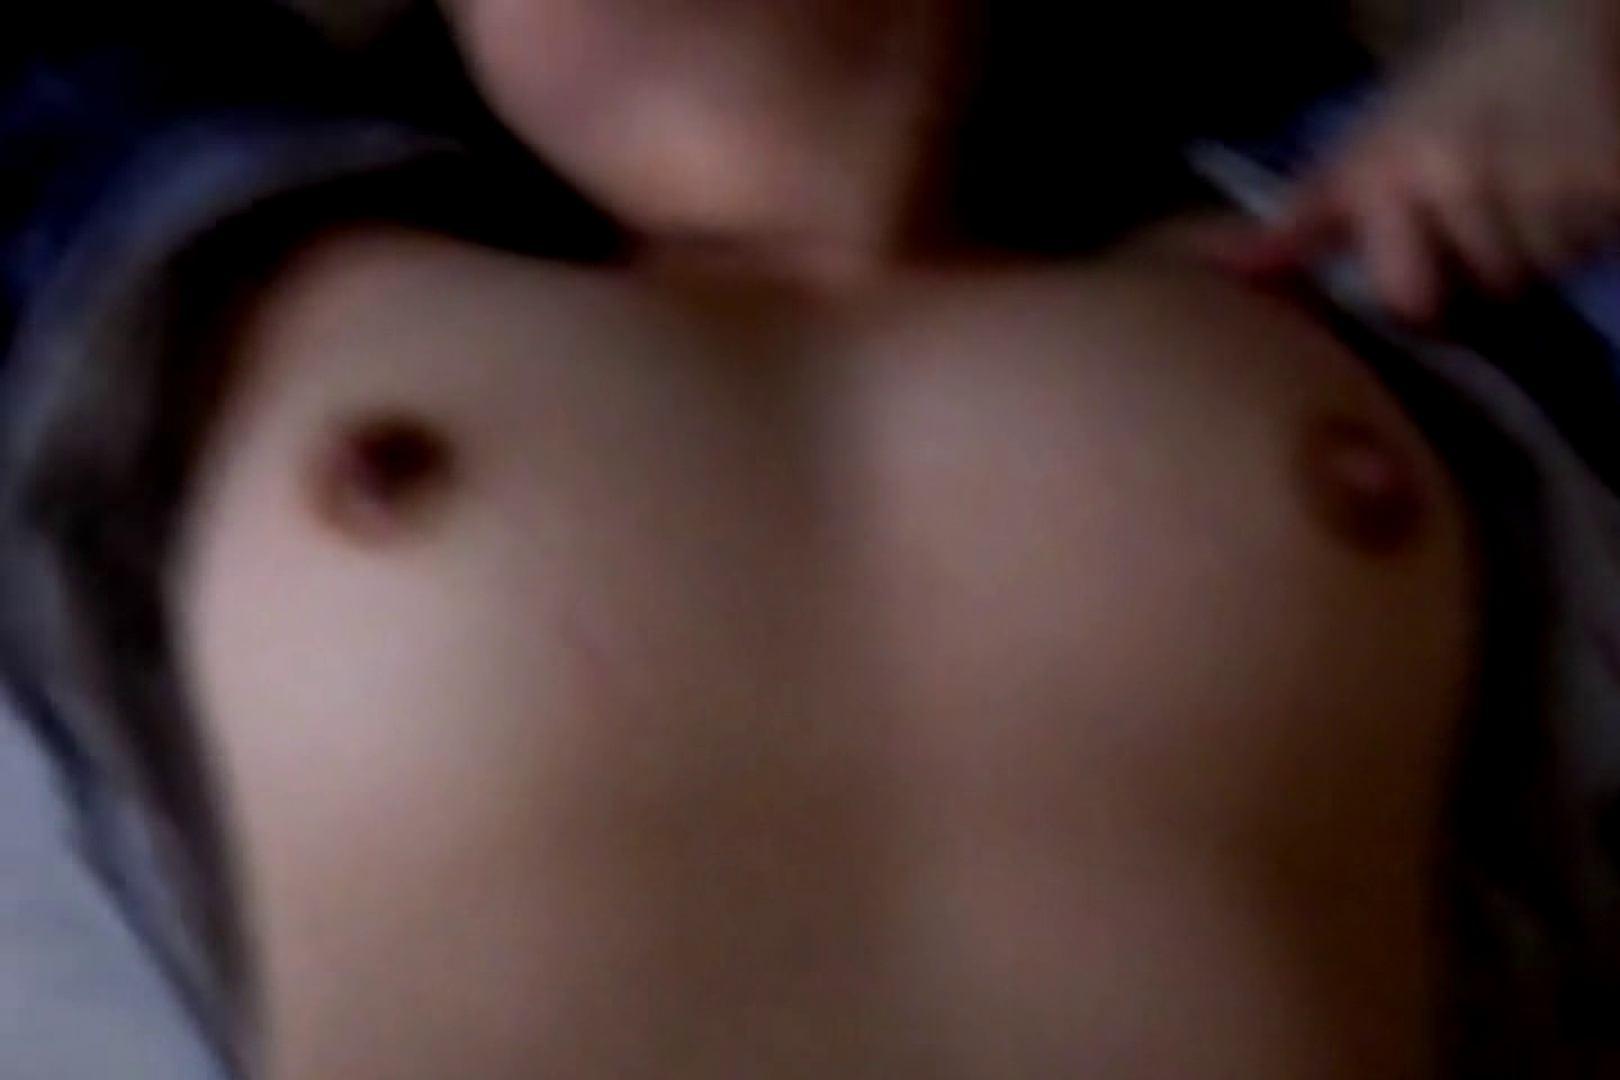 ウイルス流出 レオ&マンコのアルバム プライベート | マンコ  74画像 65